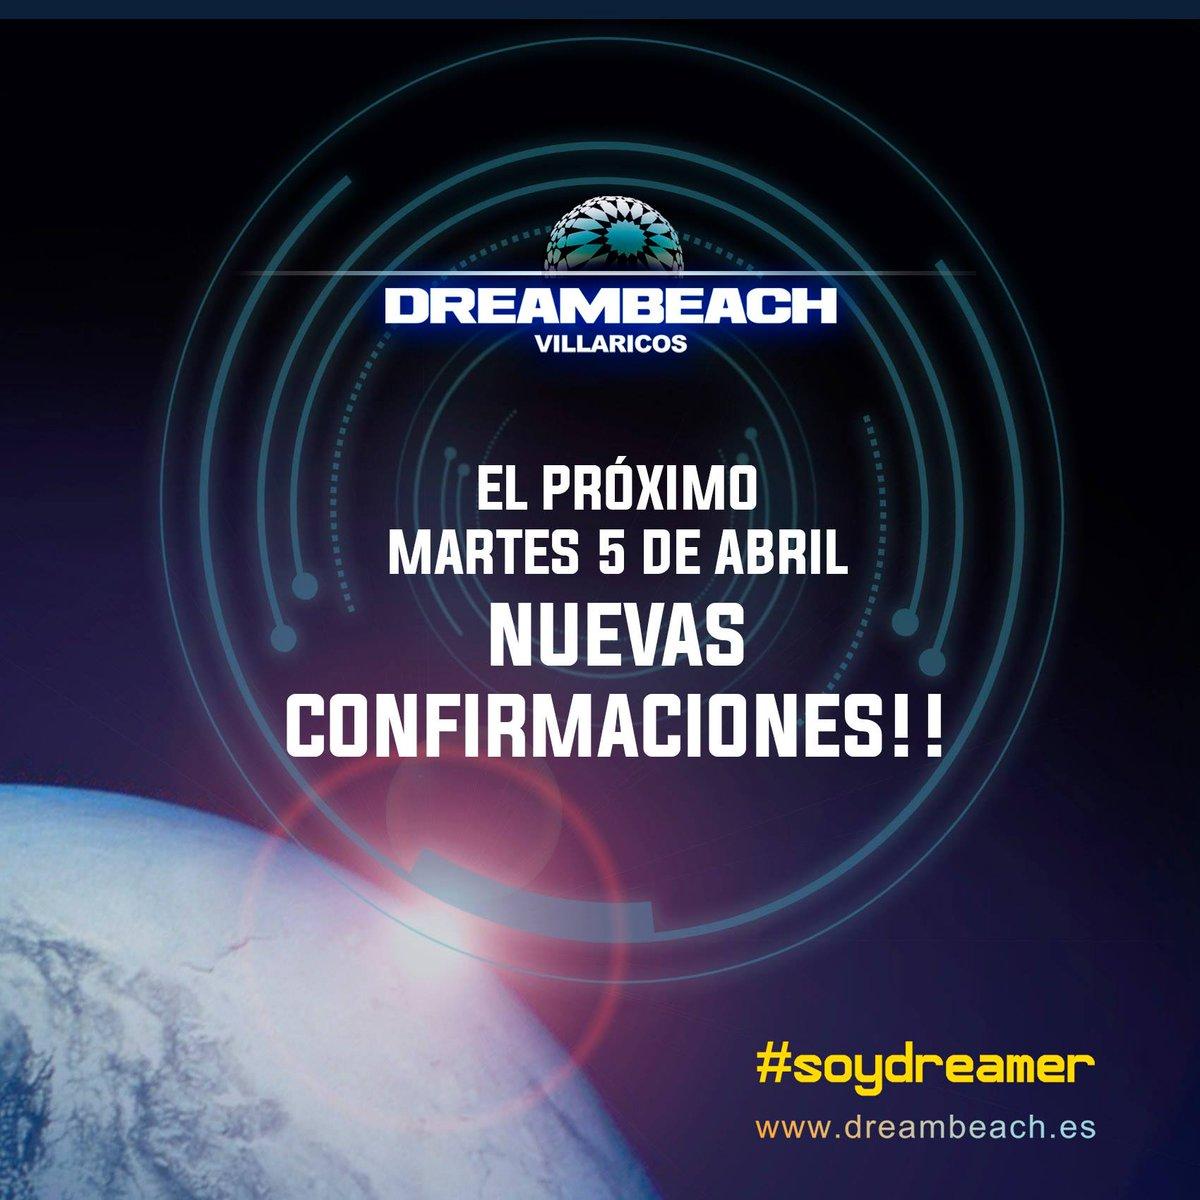 |@DreambeachFest| ¡El próximo 5 de abril NOVEDADES! Síguenos y haz RT para ir GRATIS al #festivalazo de #Villaricos! https://t.co/1CfeEfEyPi